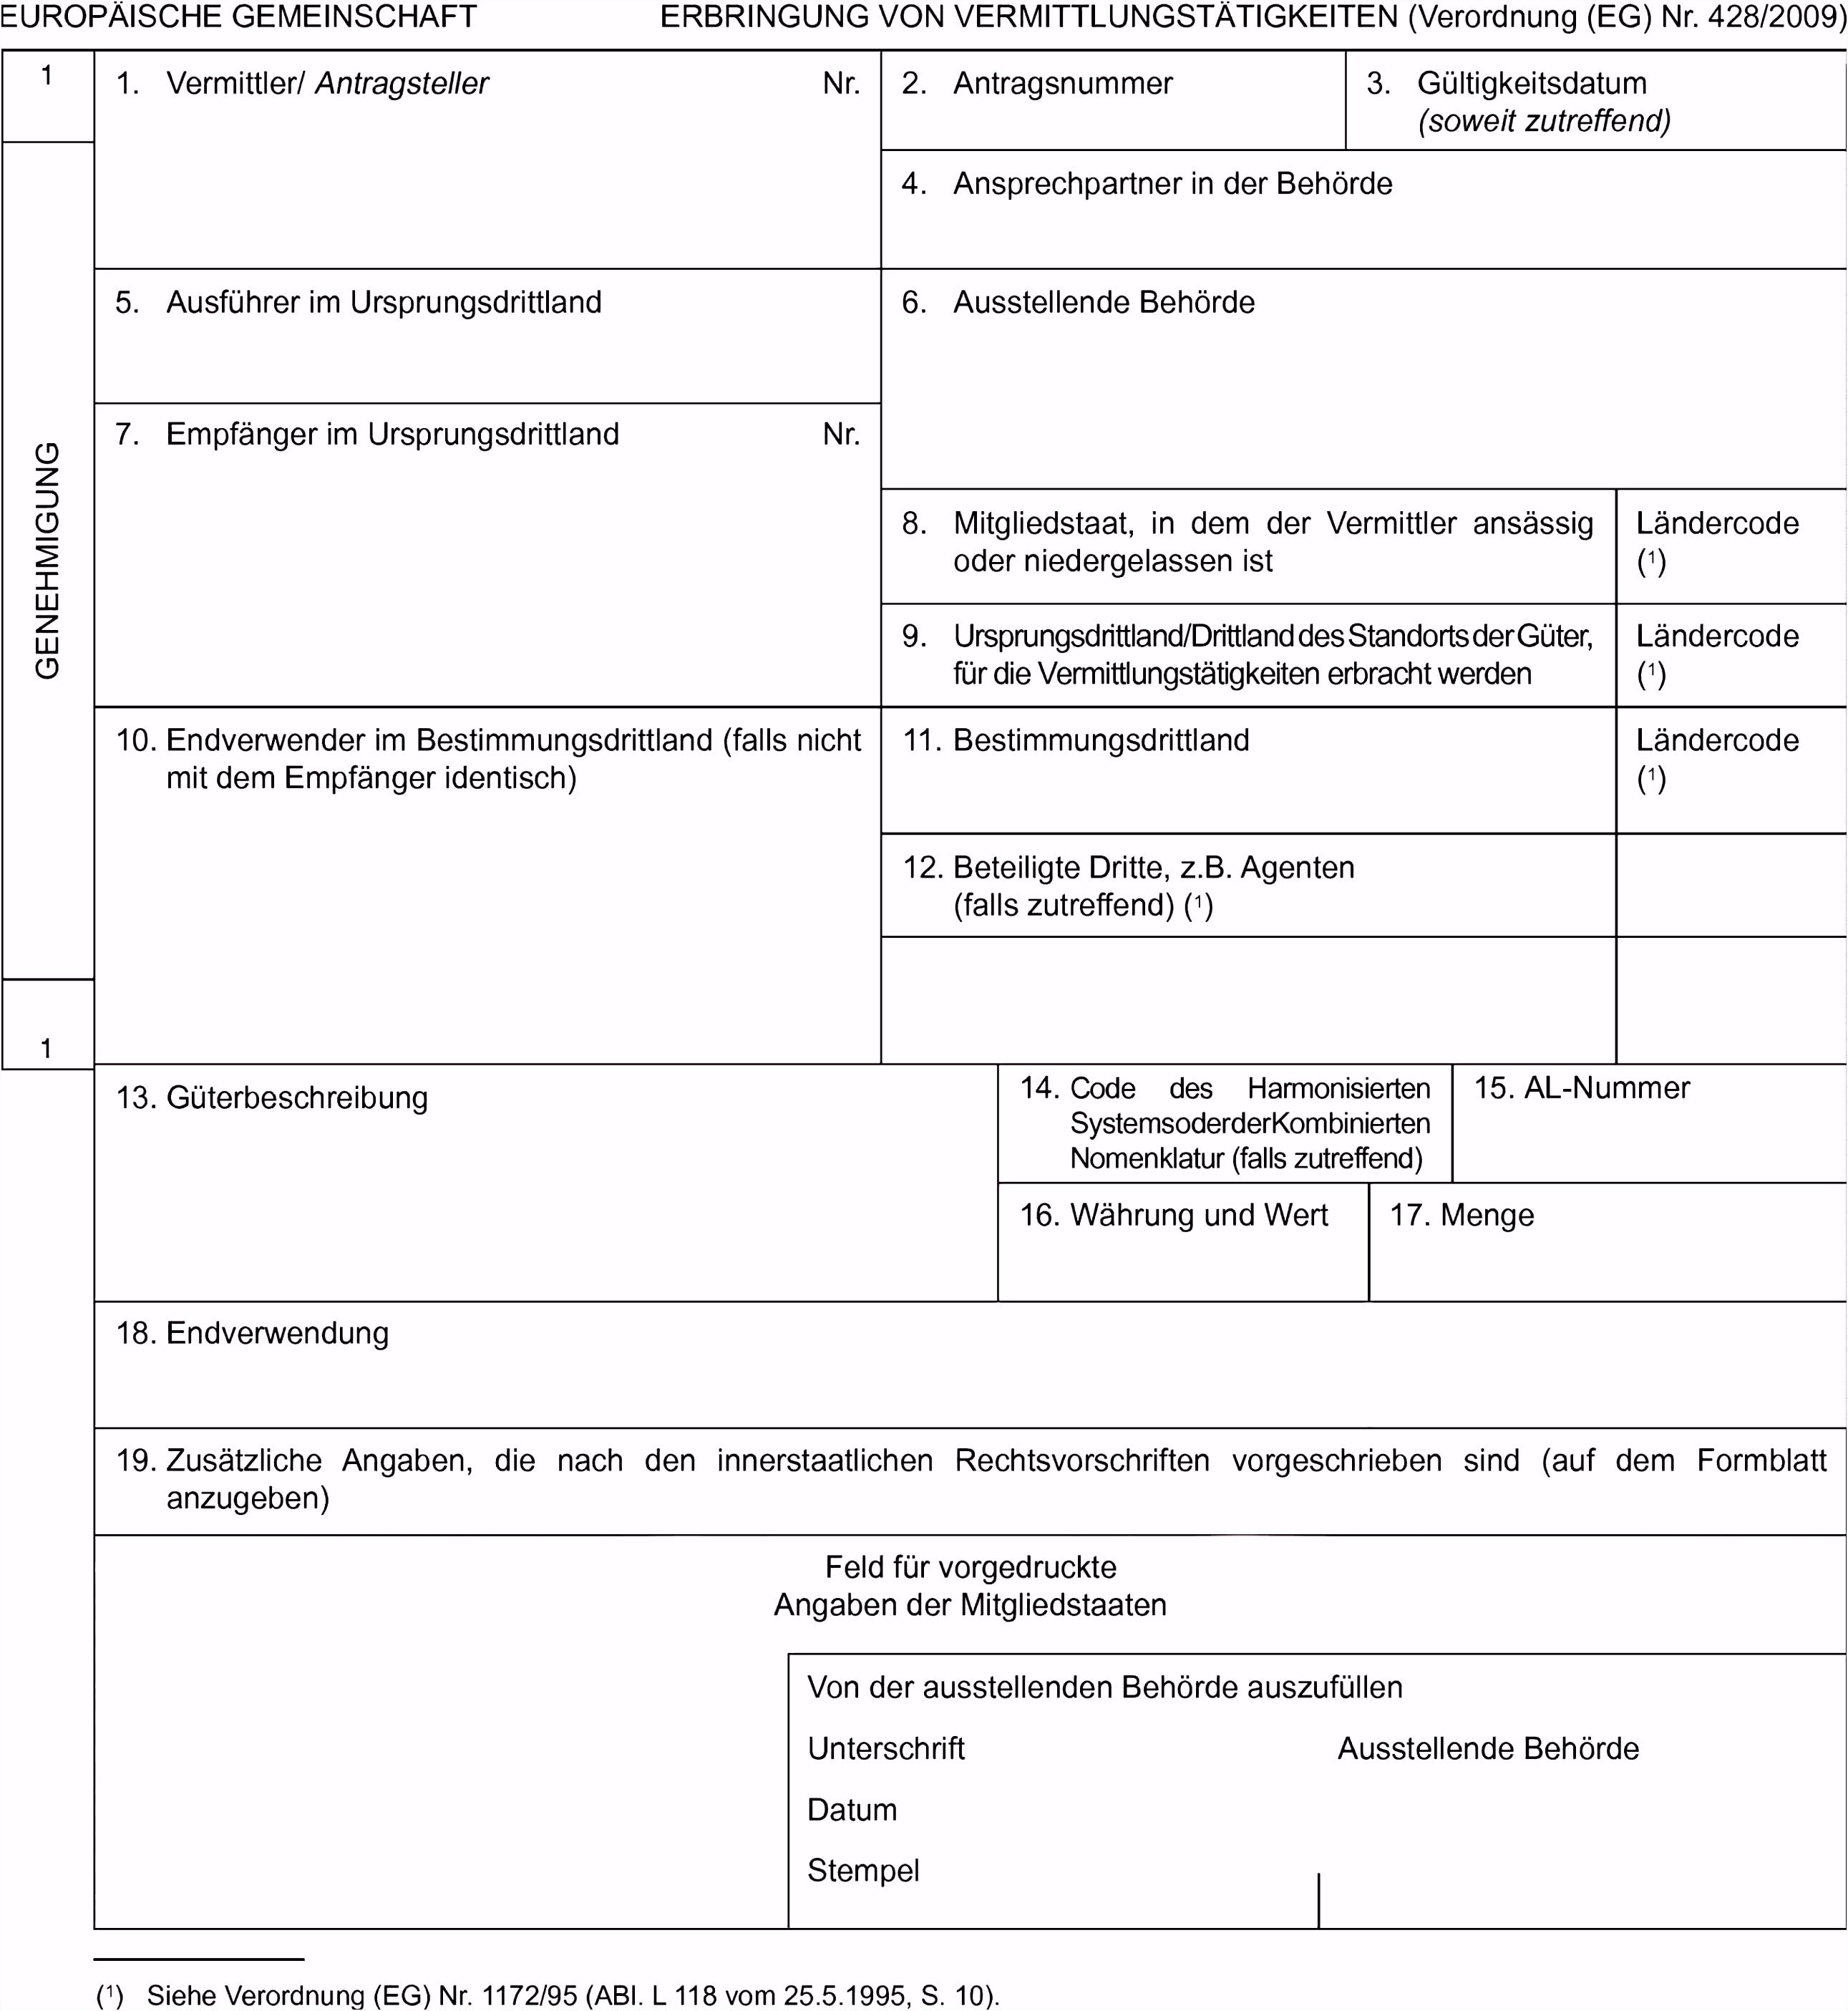 25 Stromvertrag Umschreiben Vorlage Qtaiow